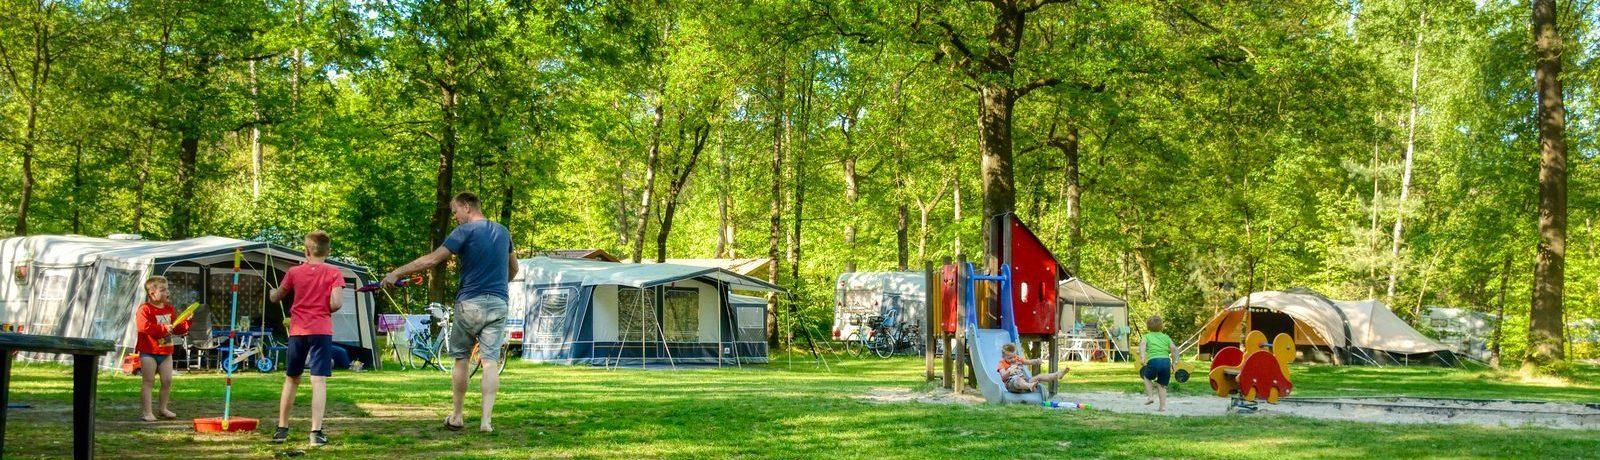 Landgoed De Berenkuil in Grolloo is een groene camping met zwembad en speelvijver middenin het natuurlijke hart van de provincie Drenthe.